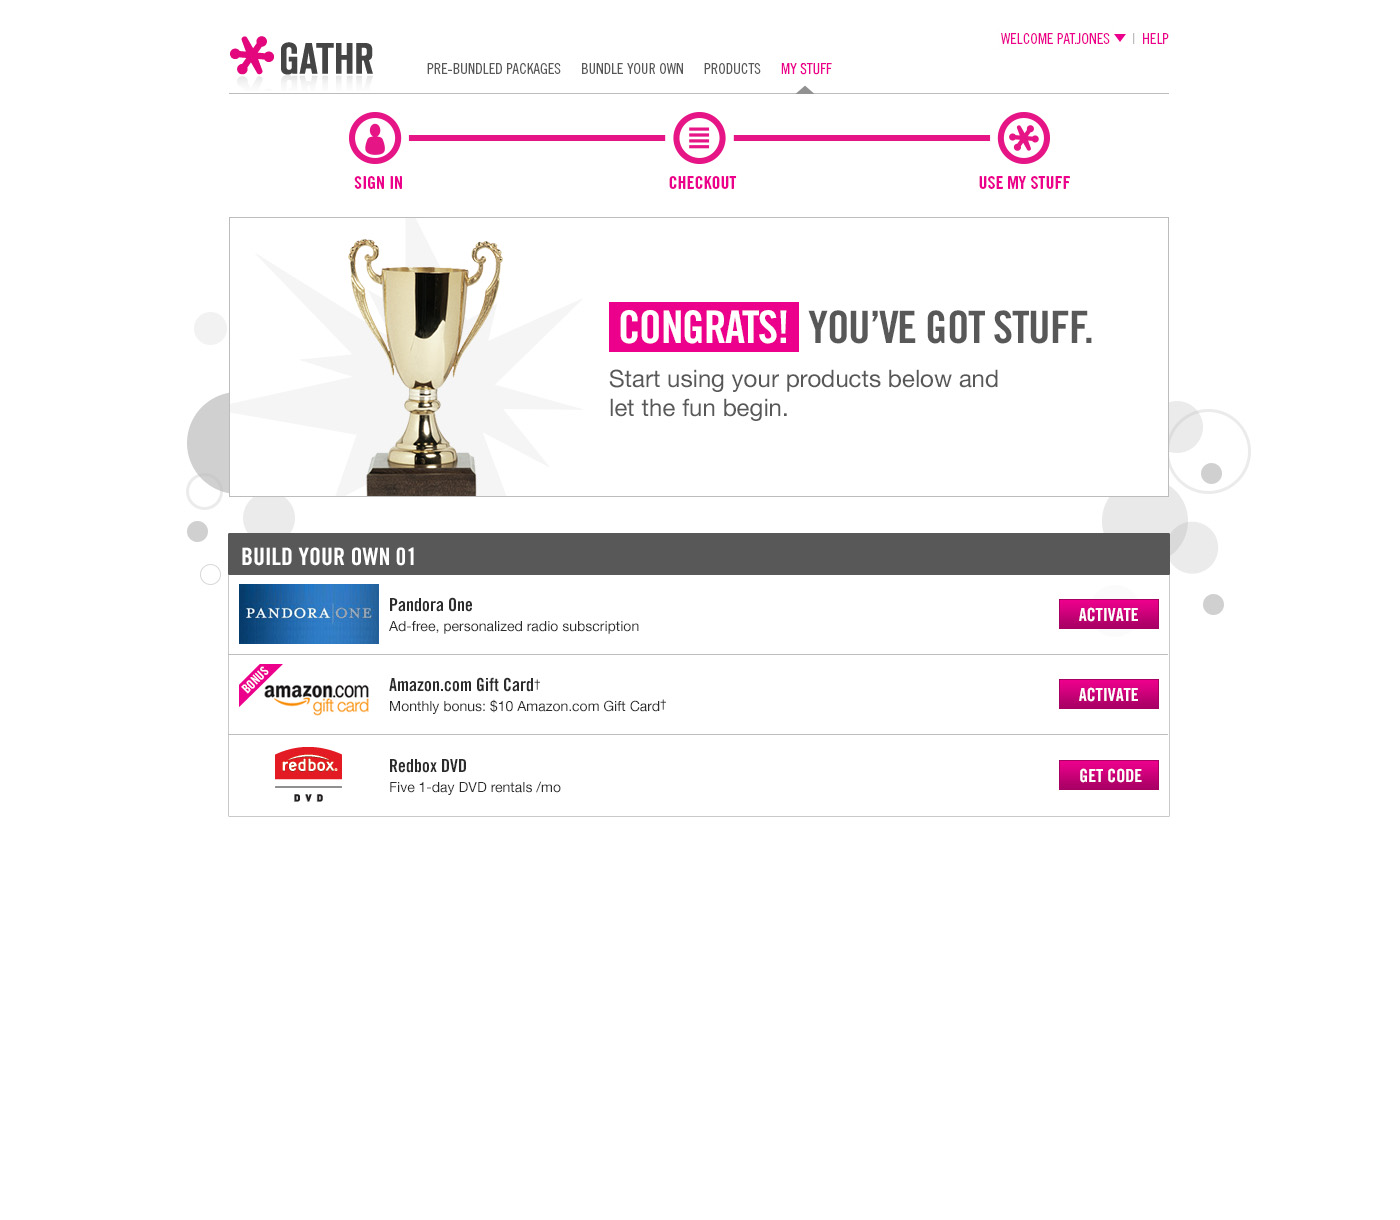 3_GATHR_Checkout_Congrats.jpg